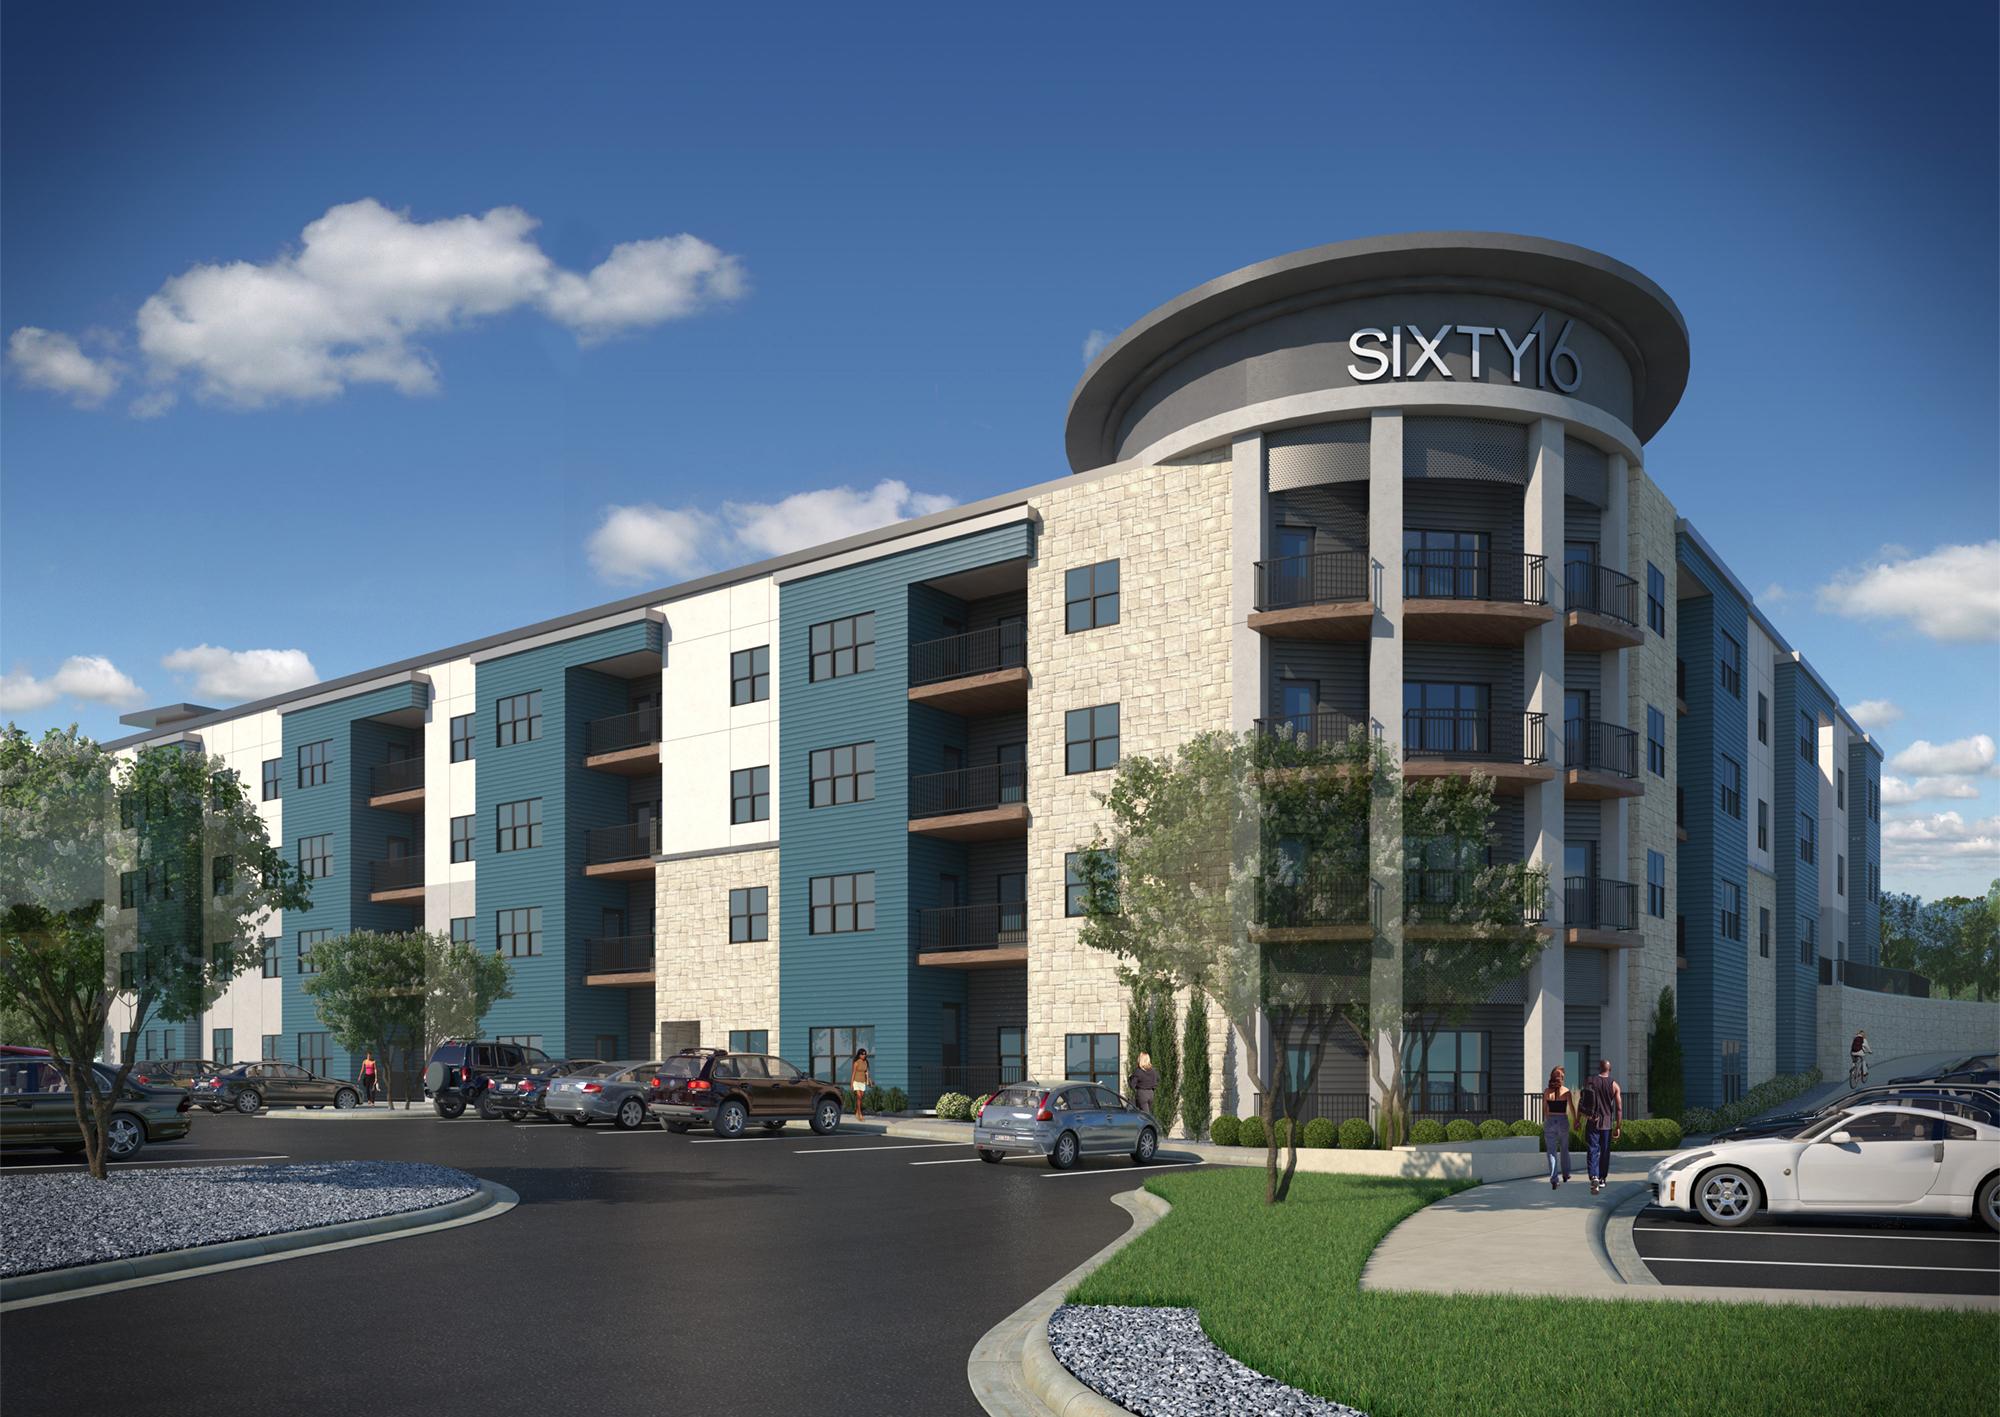 Sixty16 Apartments